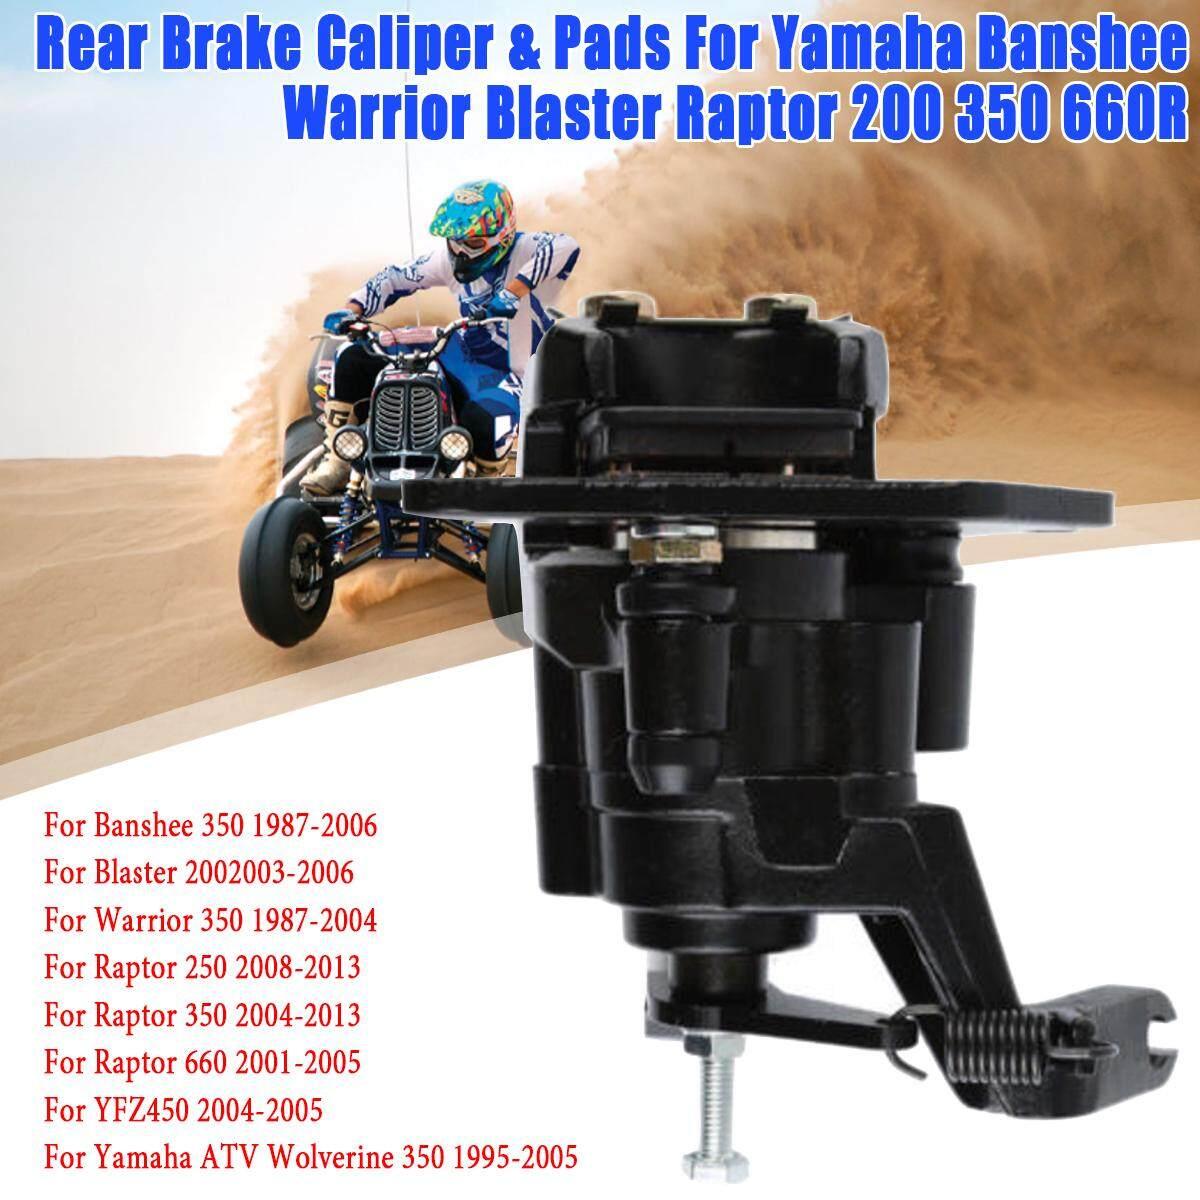 REAR BRAKE CALIPER PADS FOR YAMAHA BANSHEE Warrior Blaster Raptor 200 350  660R